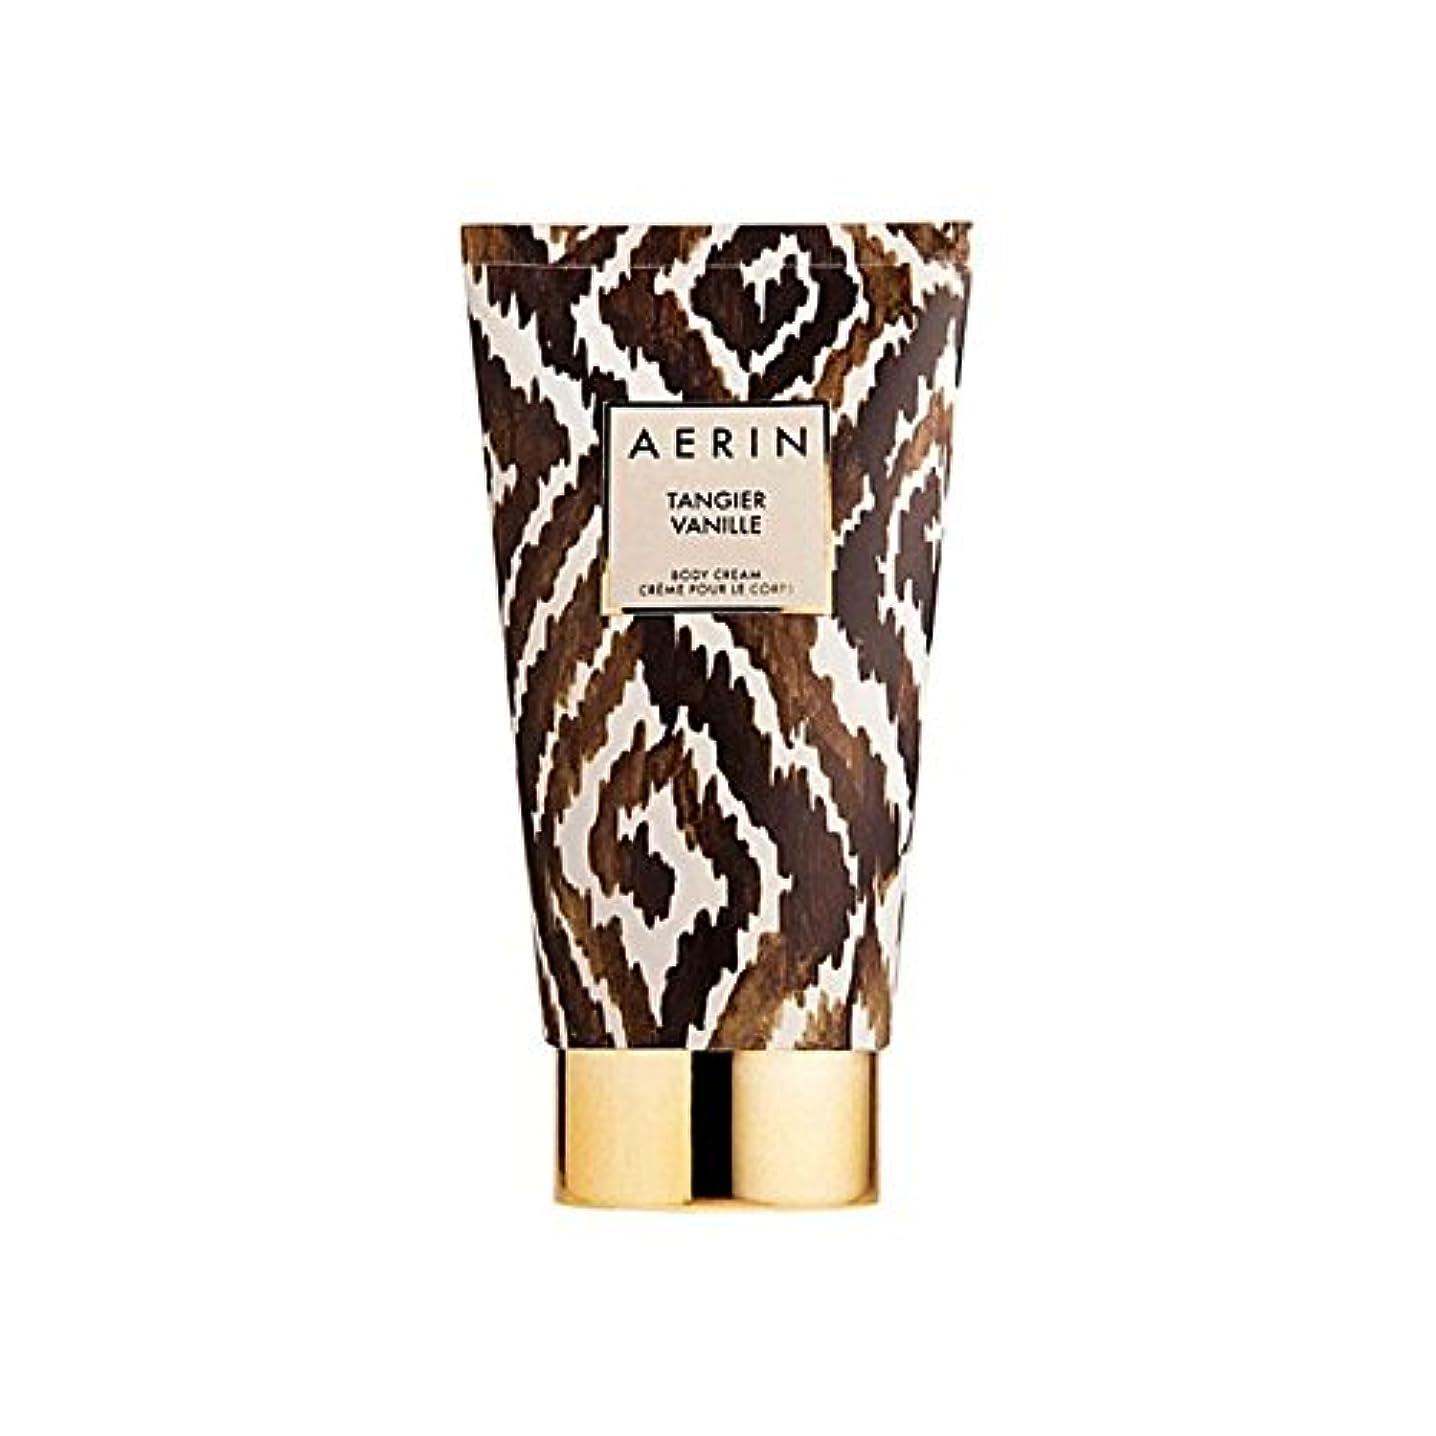 スプーン慢なナインへタンジールヴァニラボディクリーム x2 - Aerin Tangier Vanille Body Cream (Pack of 2) [並行輸入品]